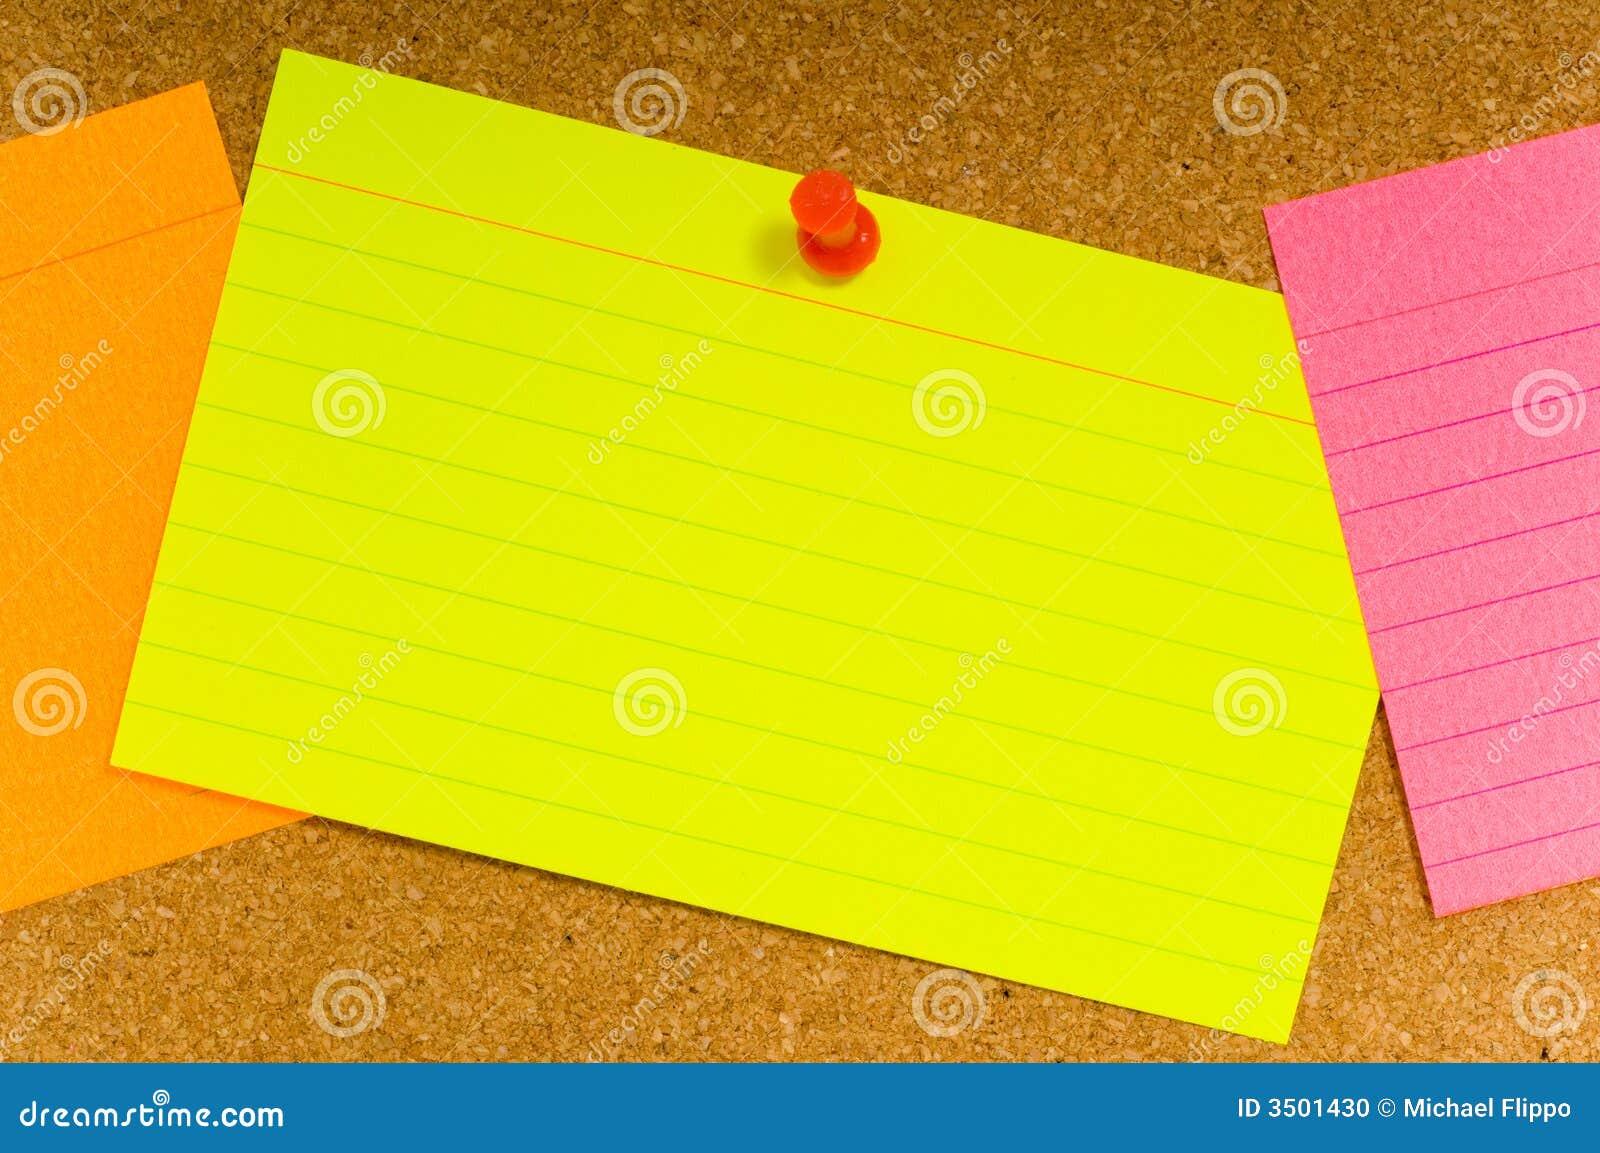 Notecard no corkboard